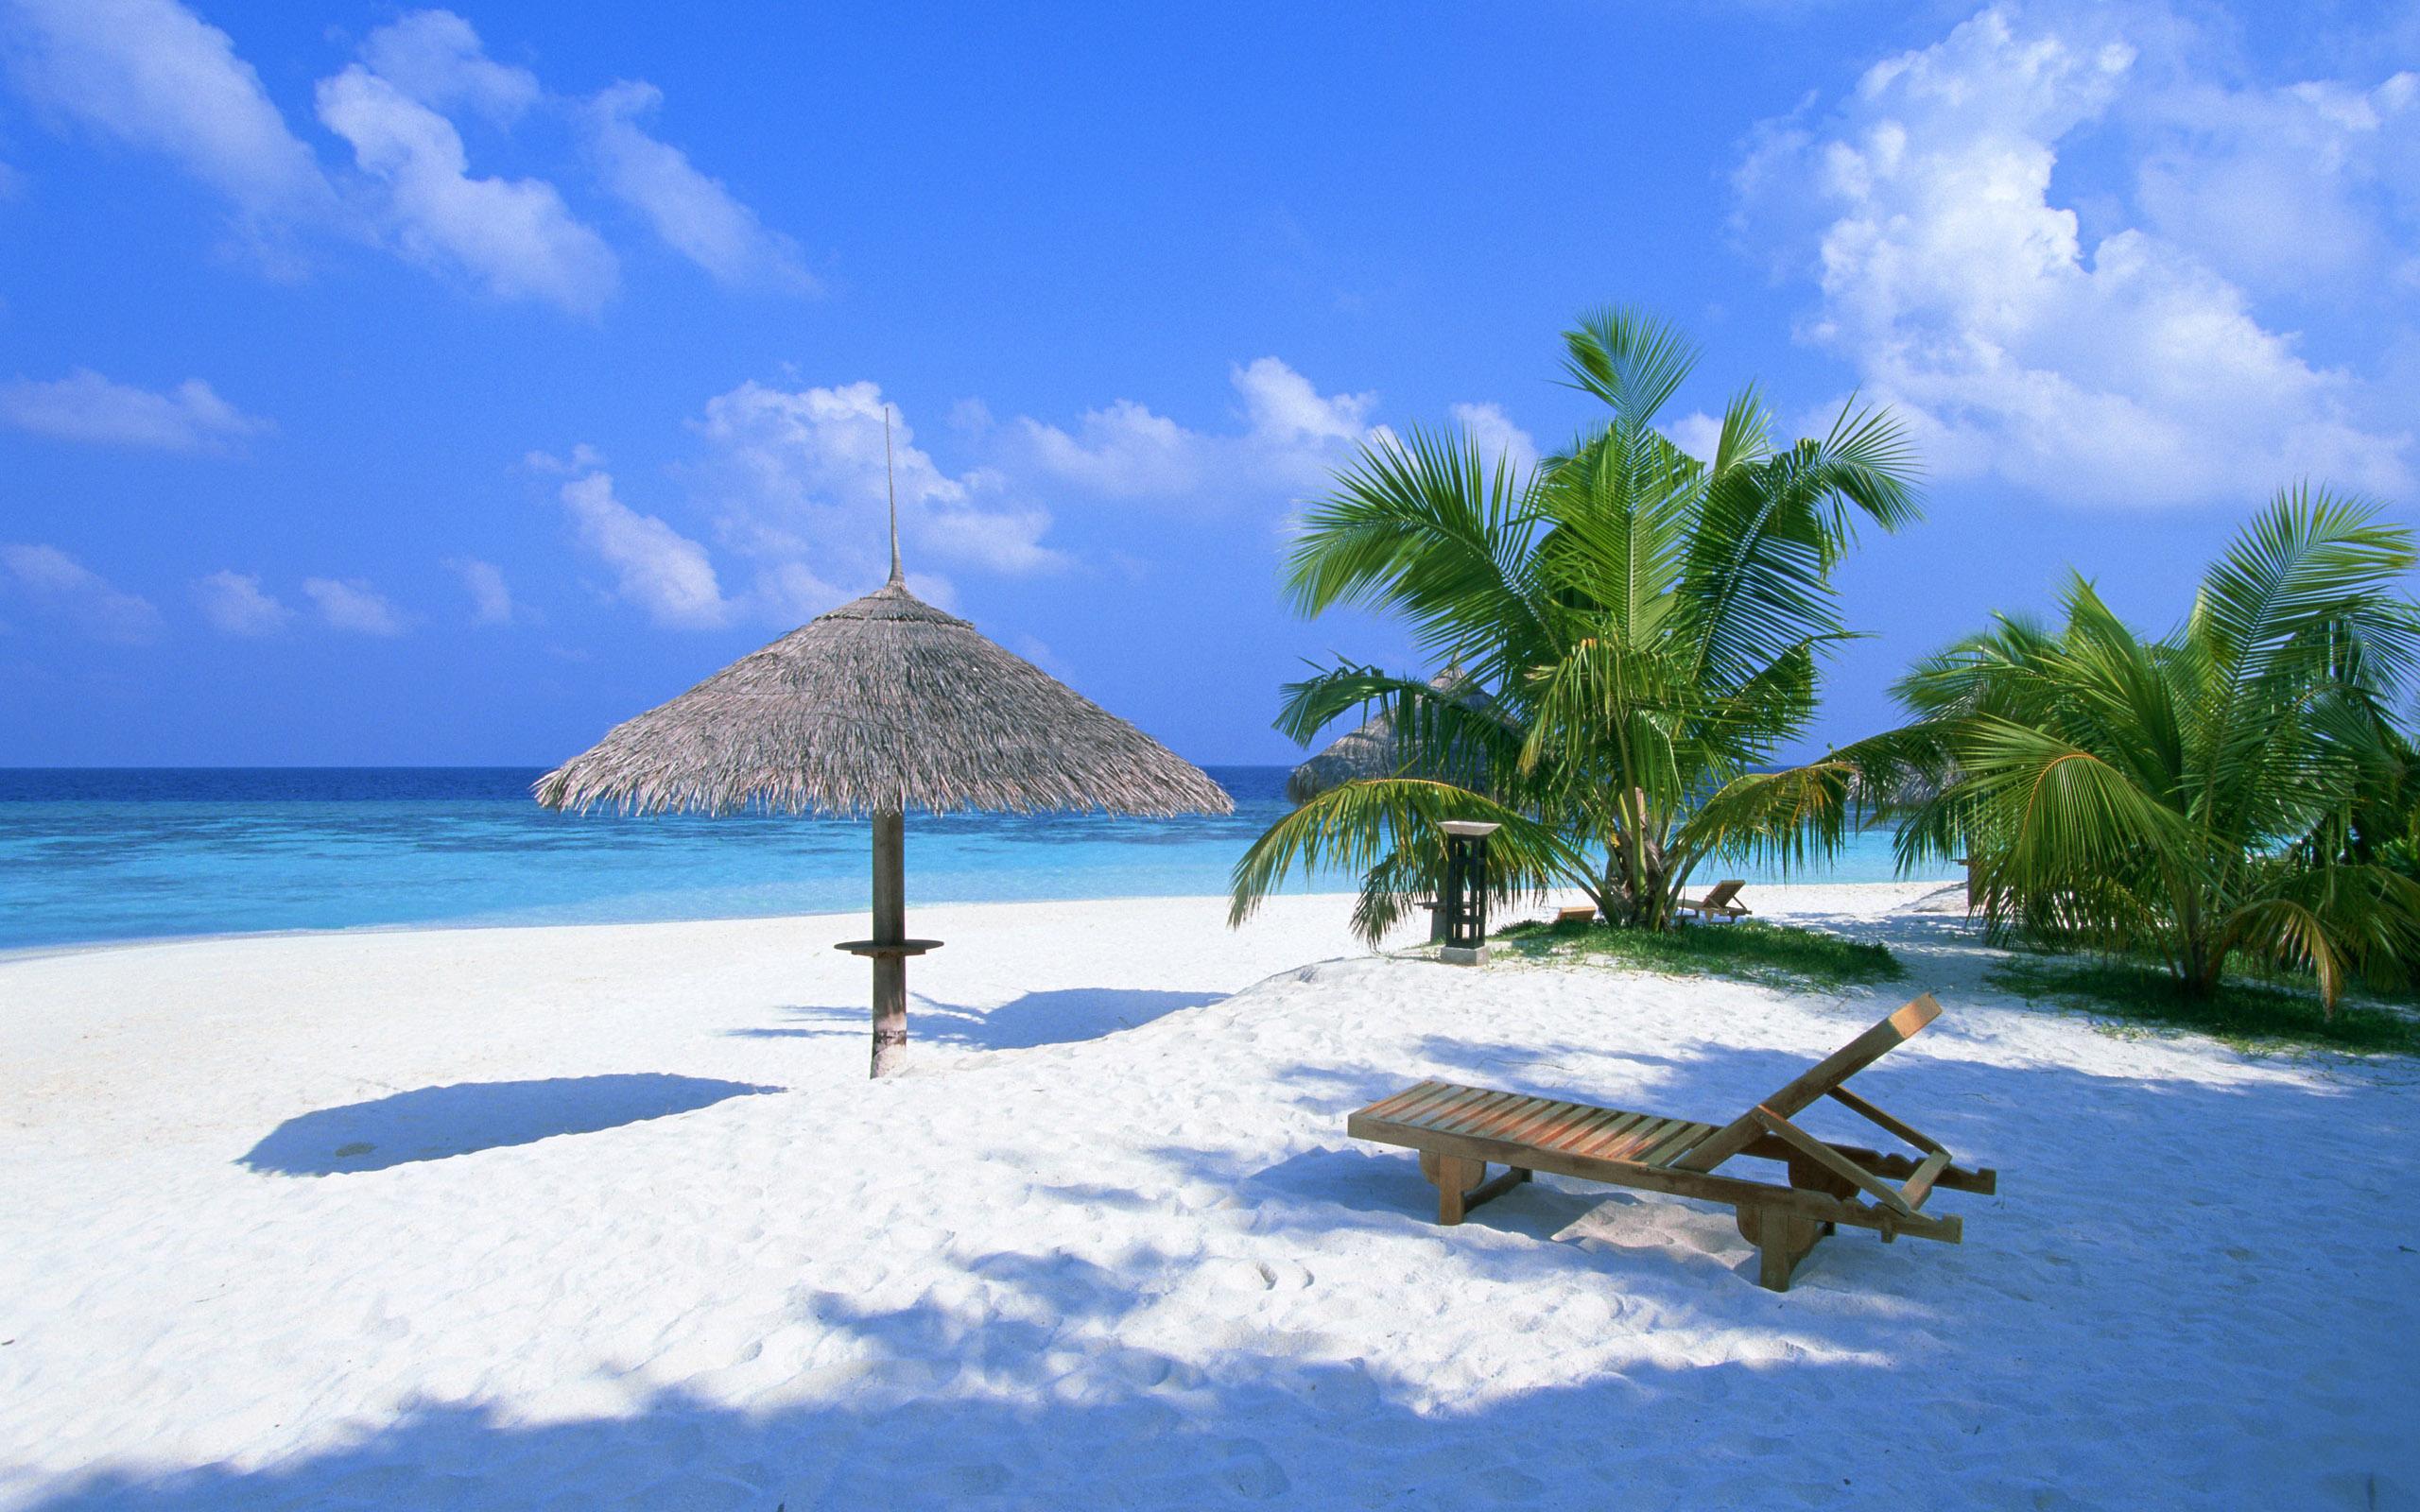 Hd wallpaper beach - Beach Rest Place Wallpapers Hd Wallpapers